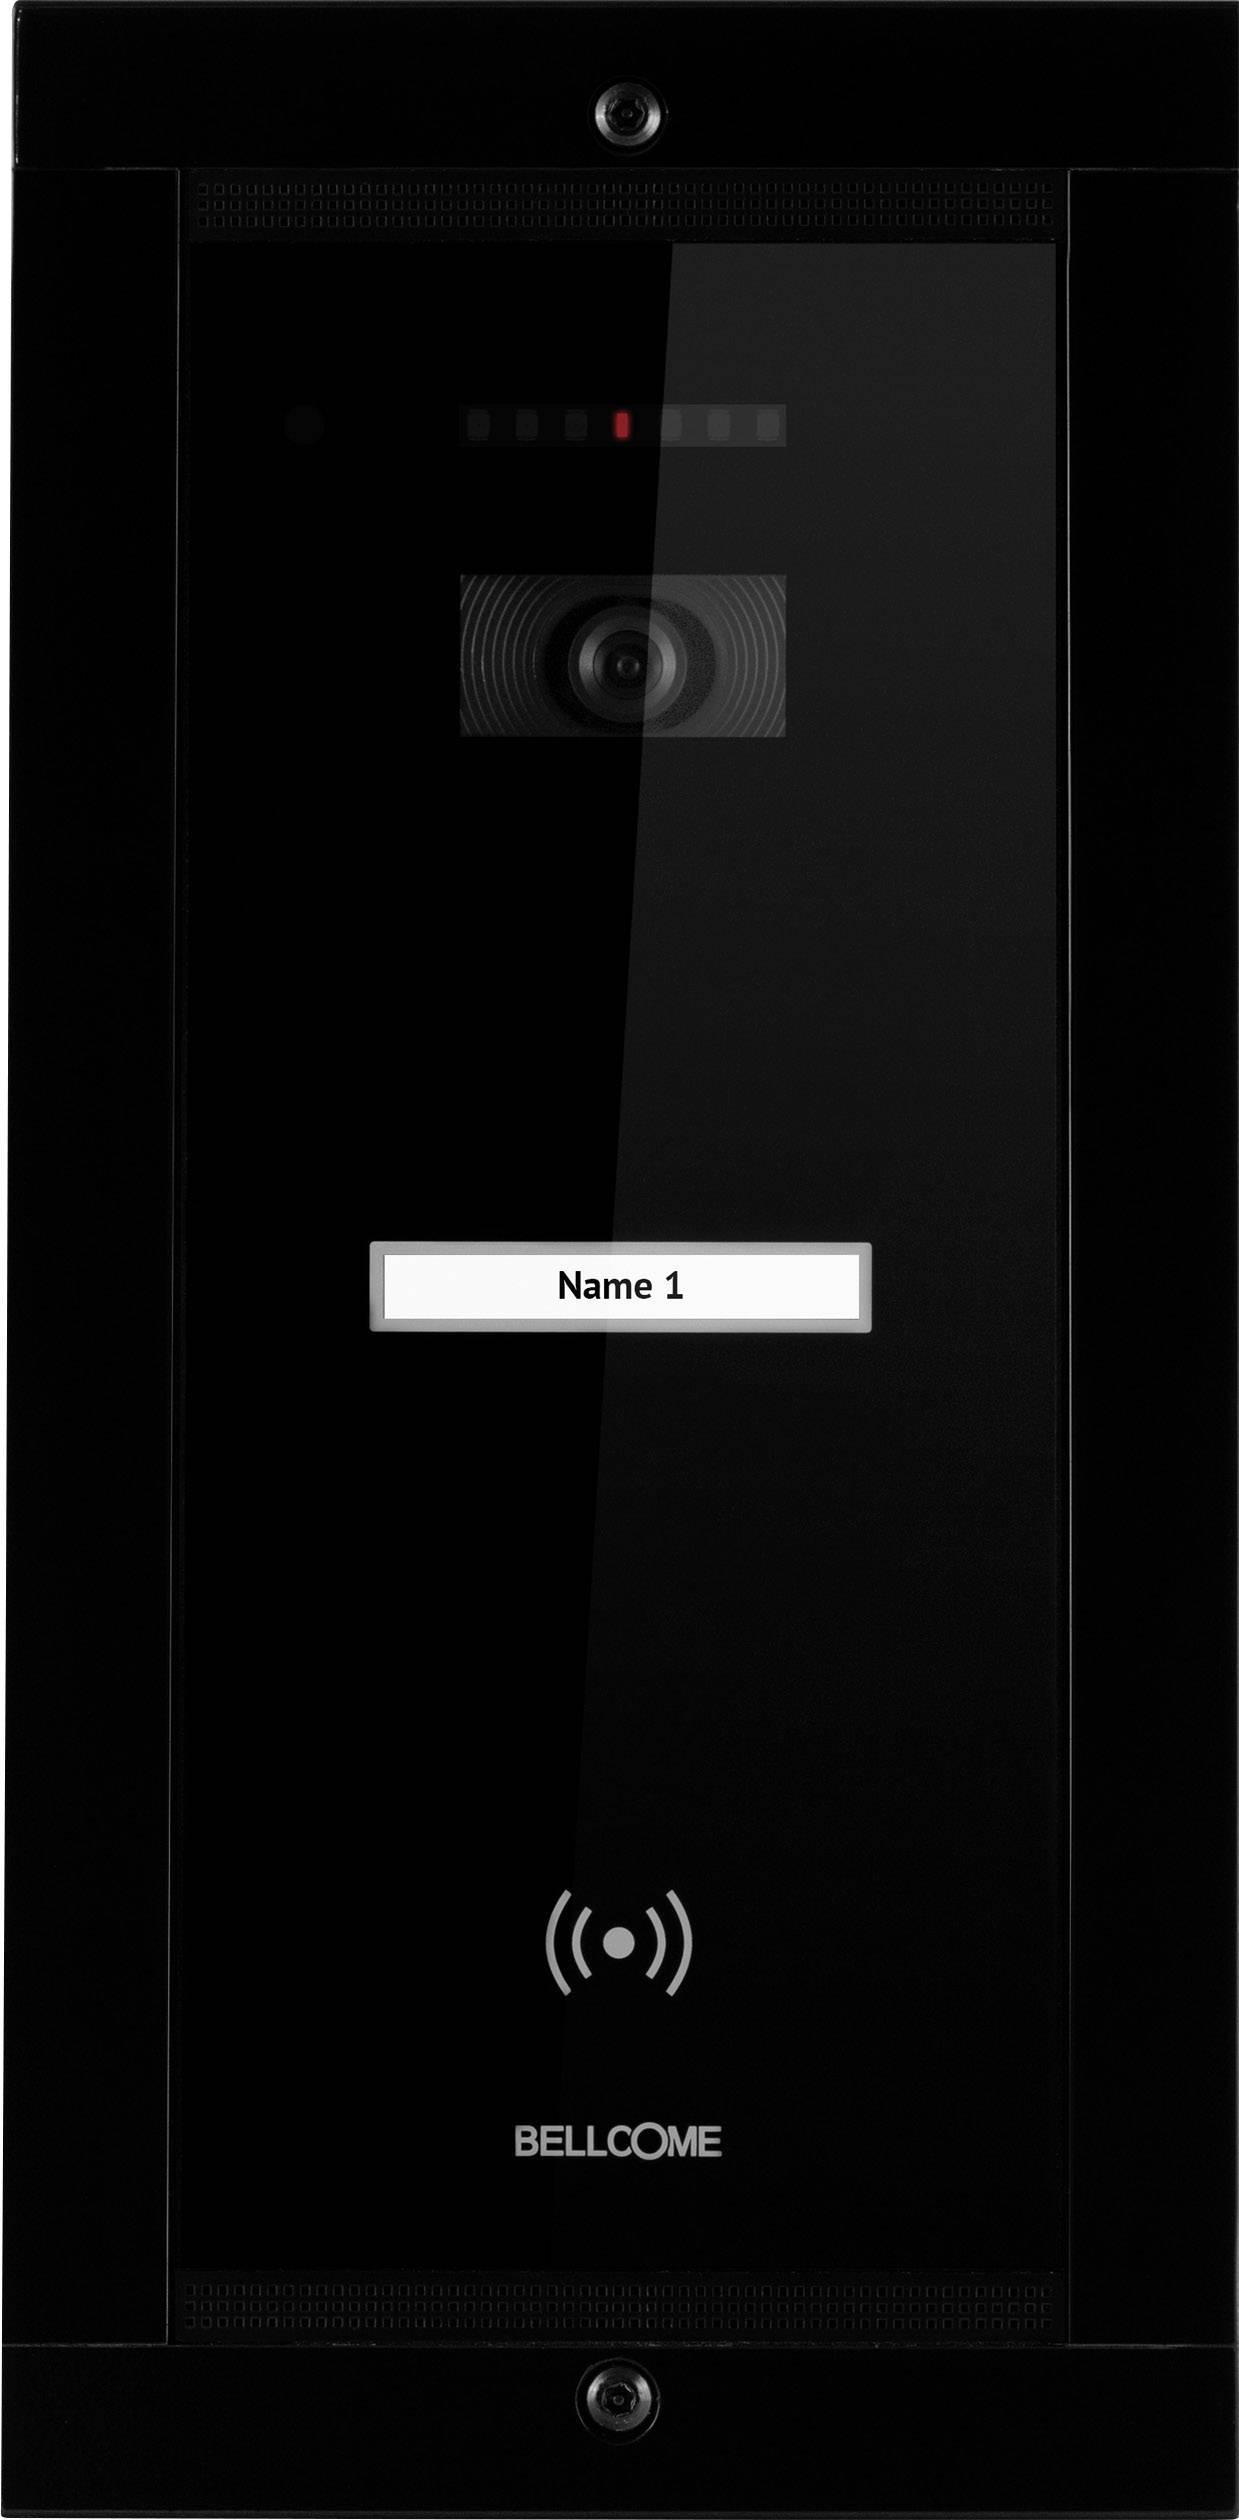 Kabelový domovní video telefon - venkovní jednotka Bellcome VPA.1FR02.BLB04, černá